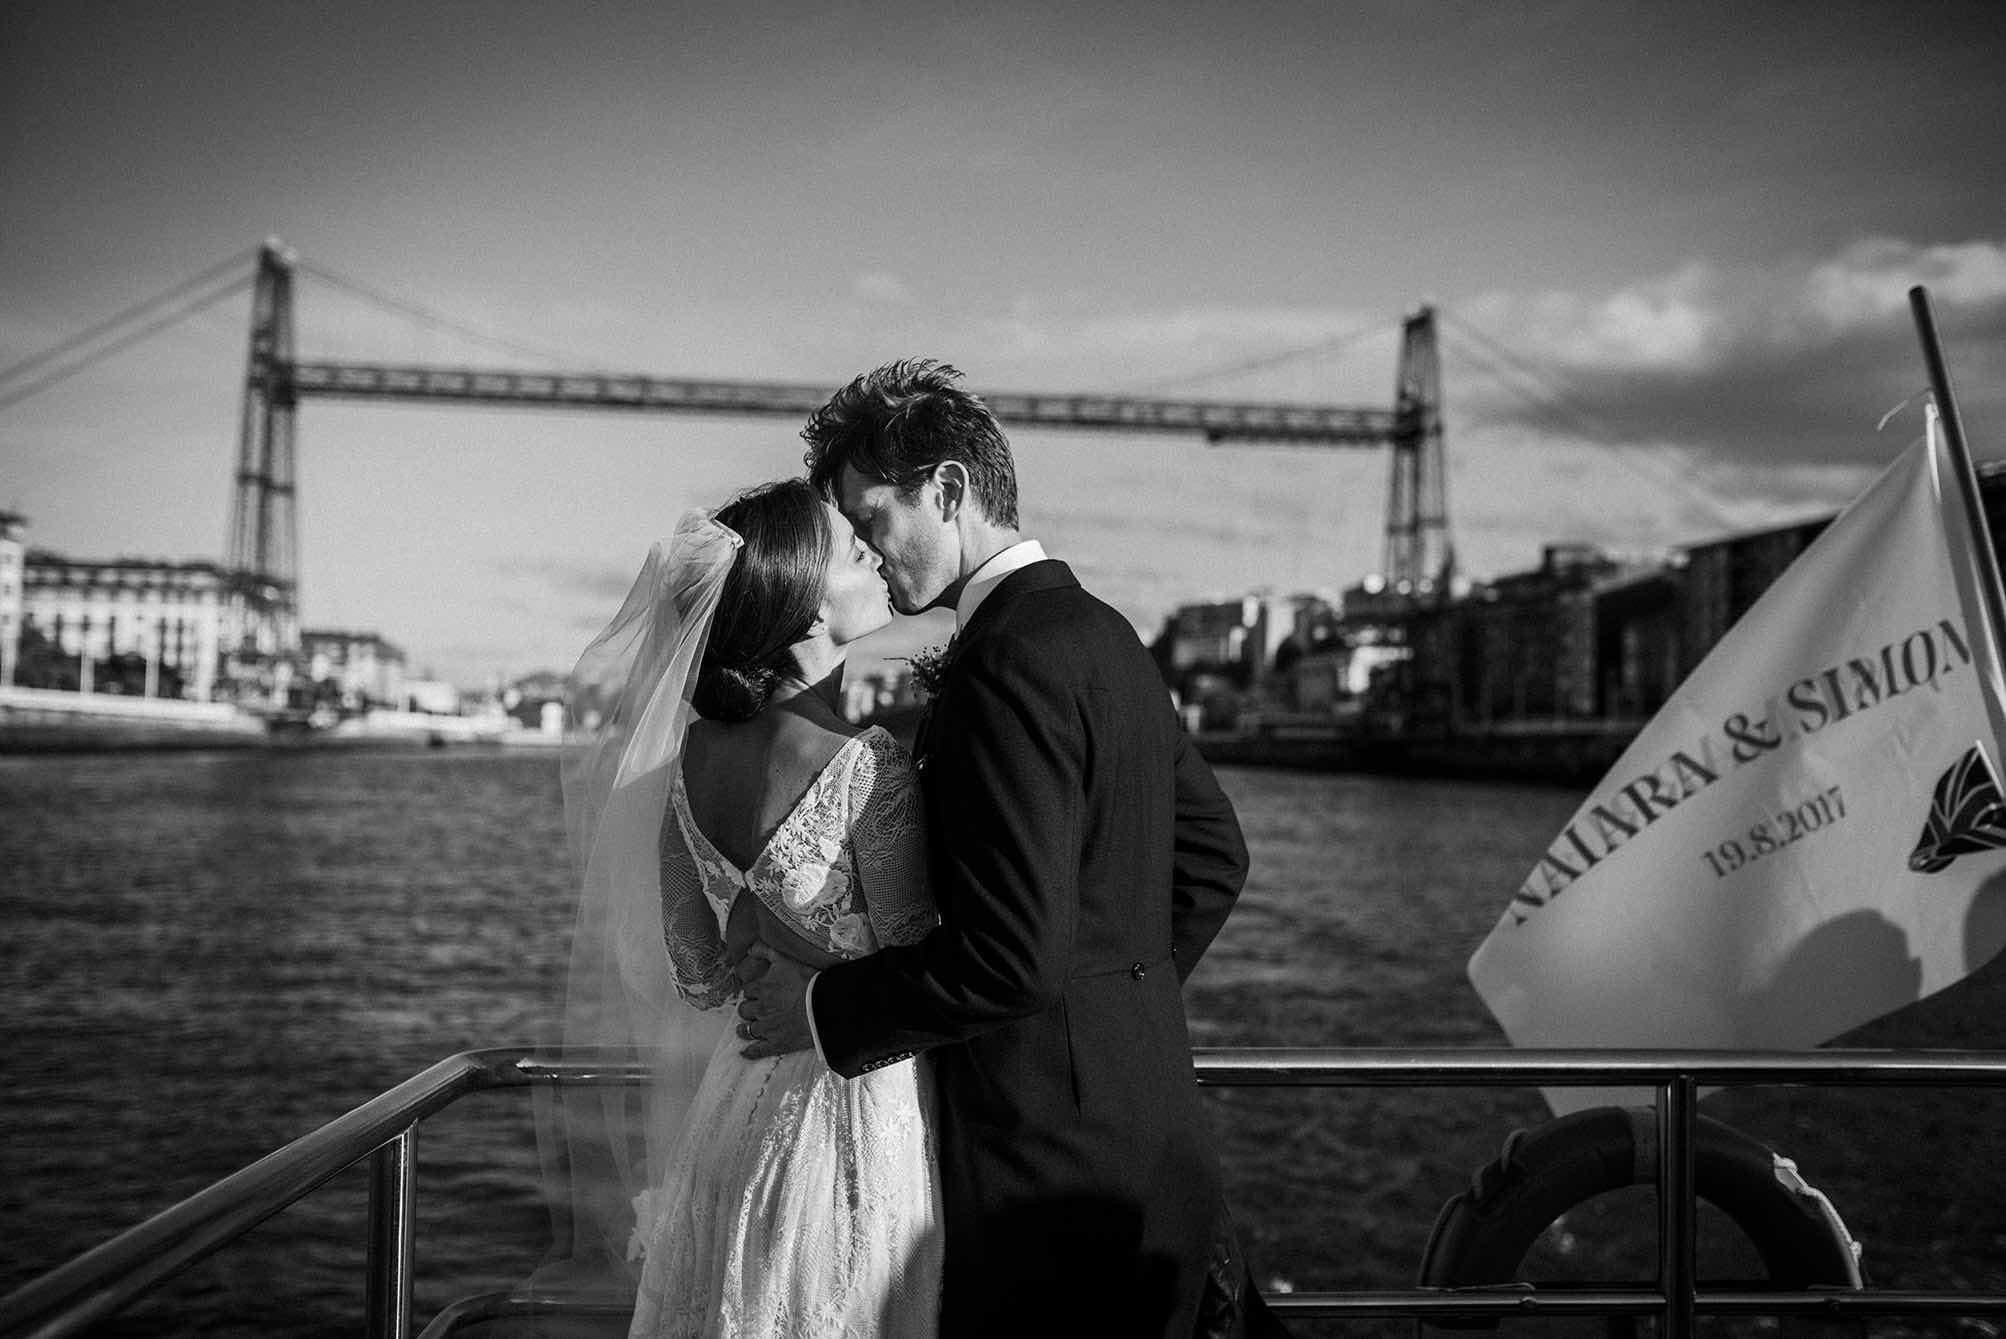 Puente colgante - boda en getxo - boda en el norte - boda en barco - me caso - mejores wedding planner - Itziar Ortuondo